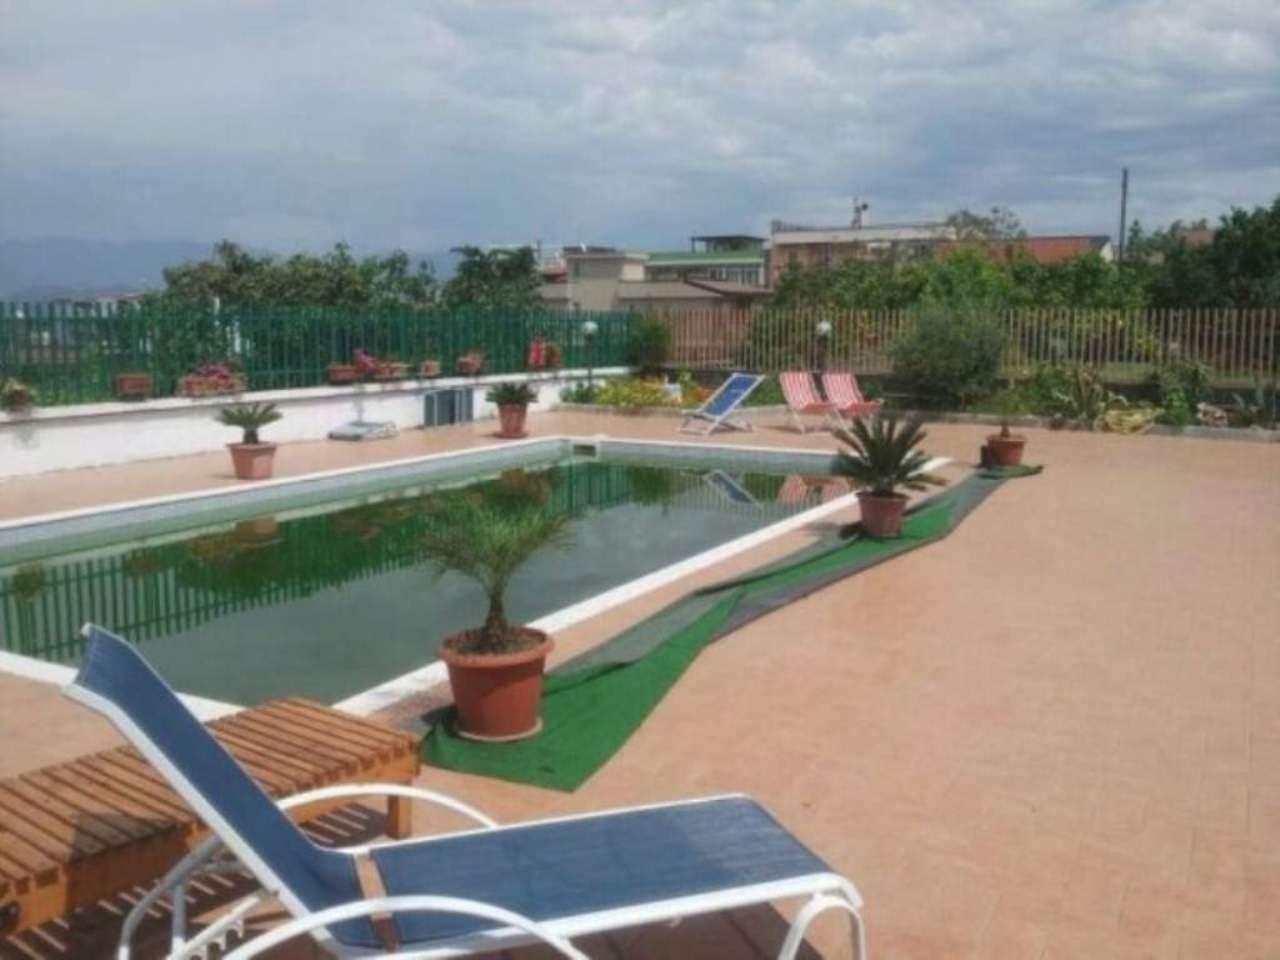 Villa in vendita a Somma Vesuviana, 4 locali, prezzo € 480.000 | CambioCasa.it